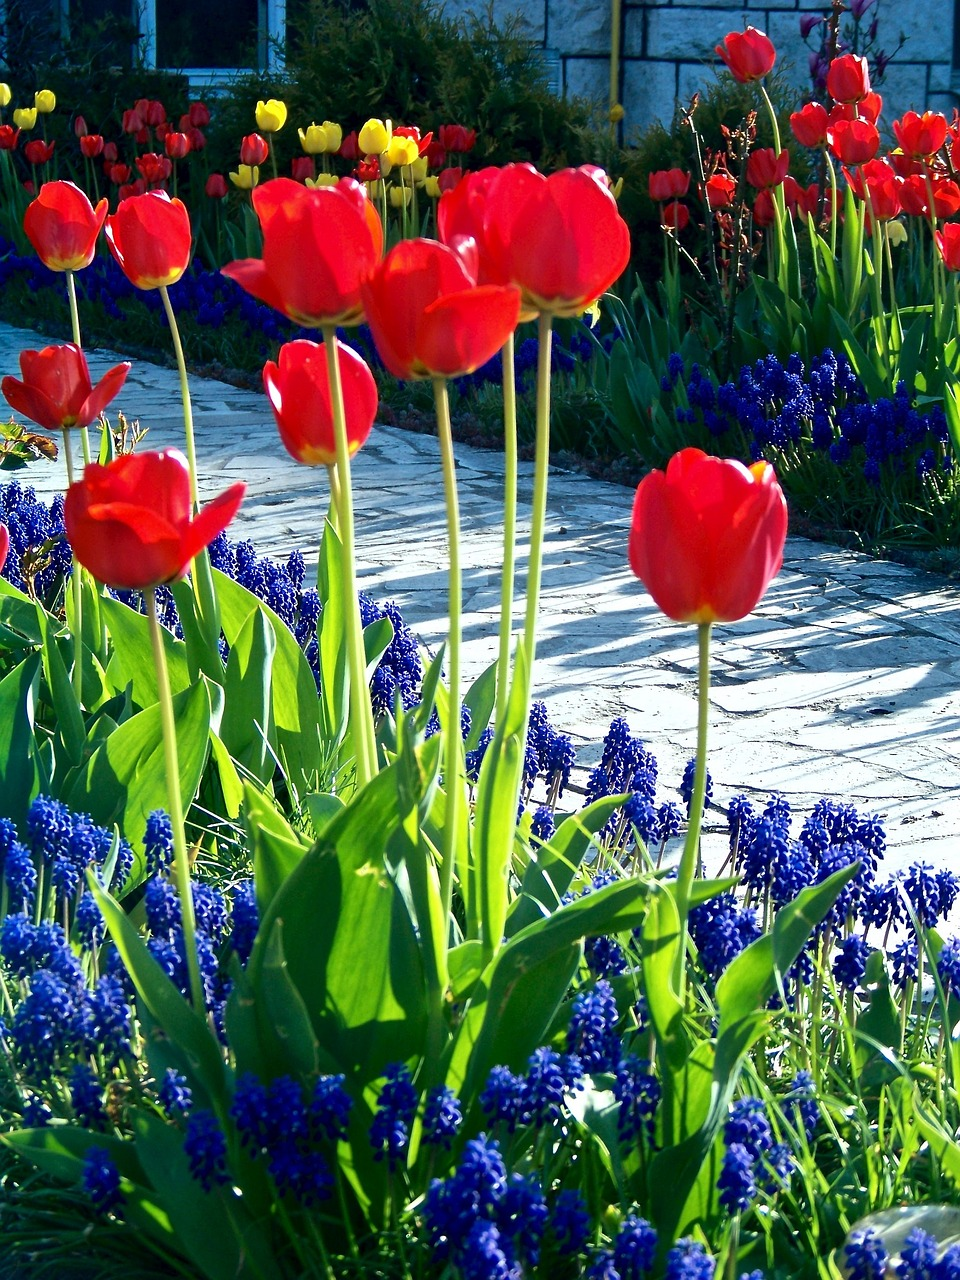 Quali Bulbi Piantare In Primavera bulbi: quali piantare per la primavera - garden arcobaleno